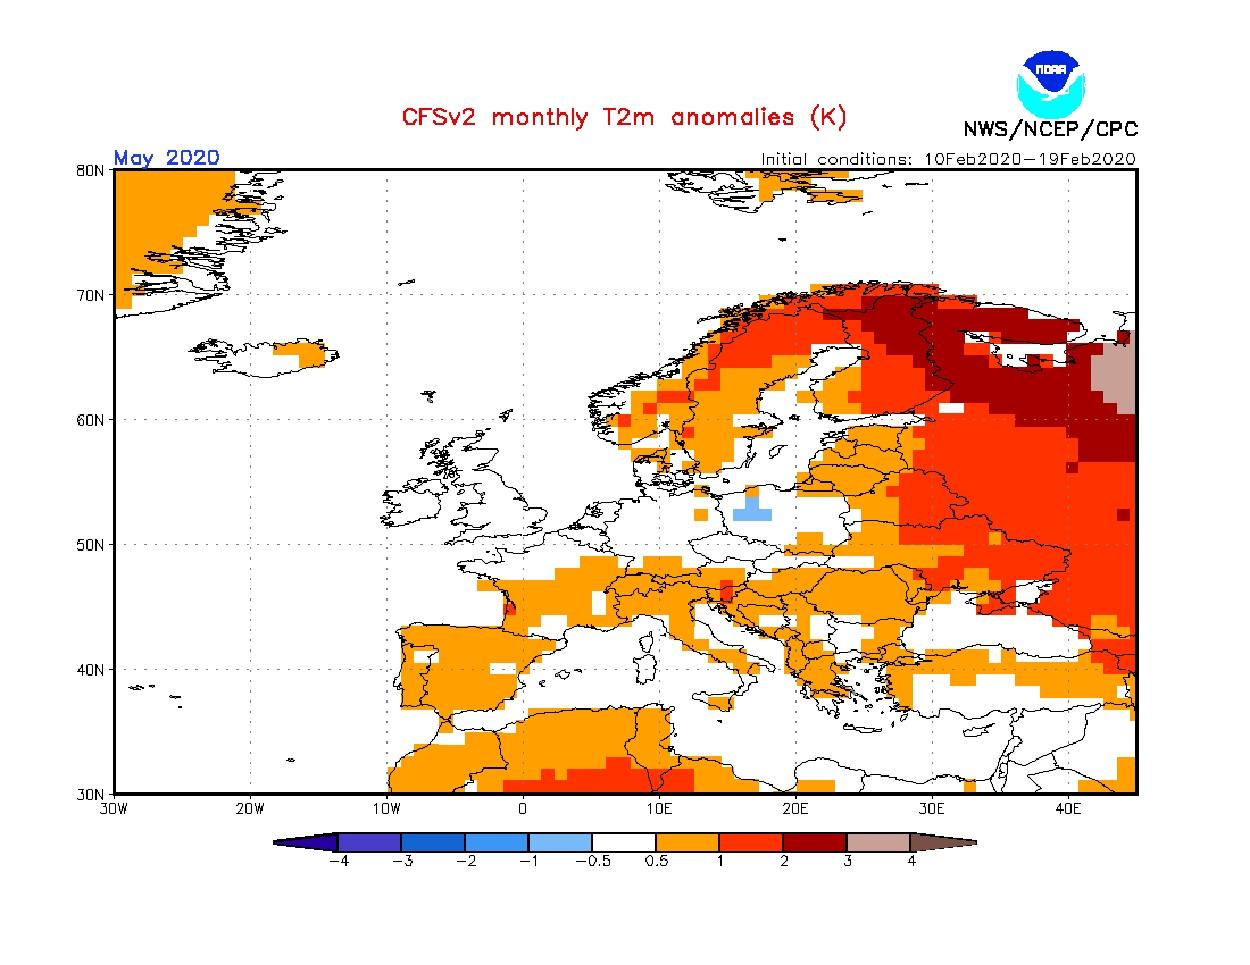 Anomalie di temperatura previste dal modello CFS per maggio 2020 - cpc.ncep.noaa.gov.jpg